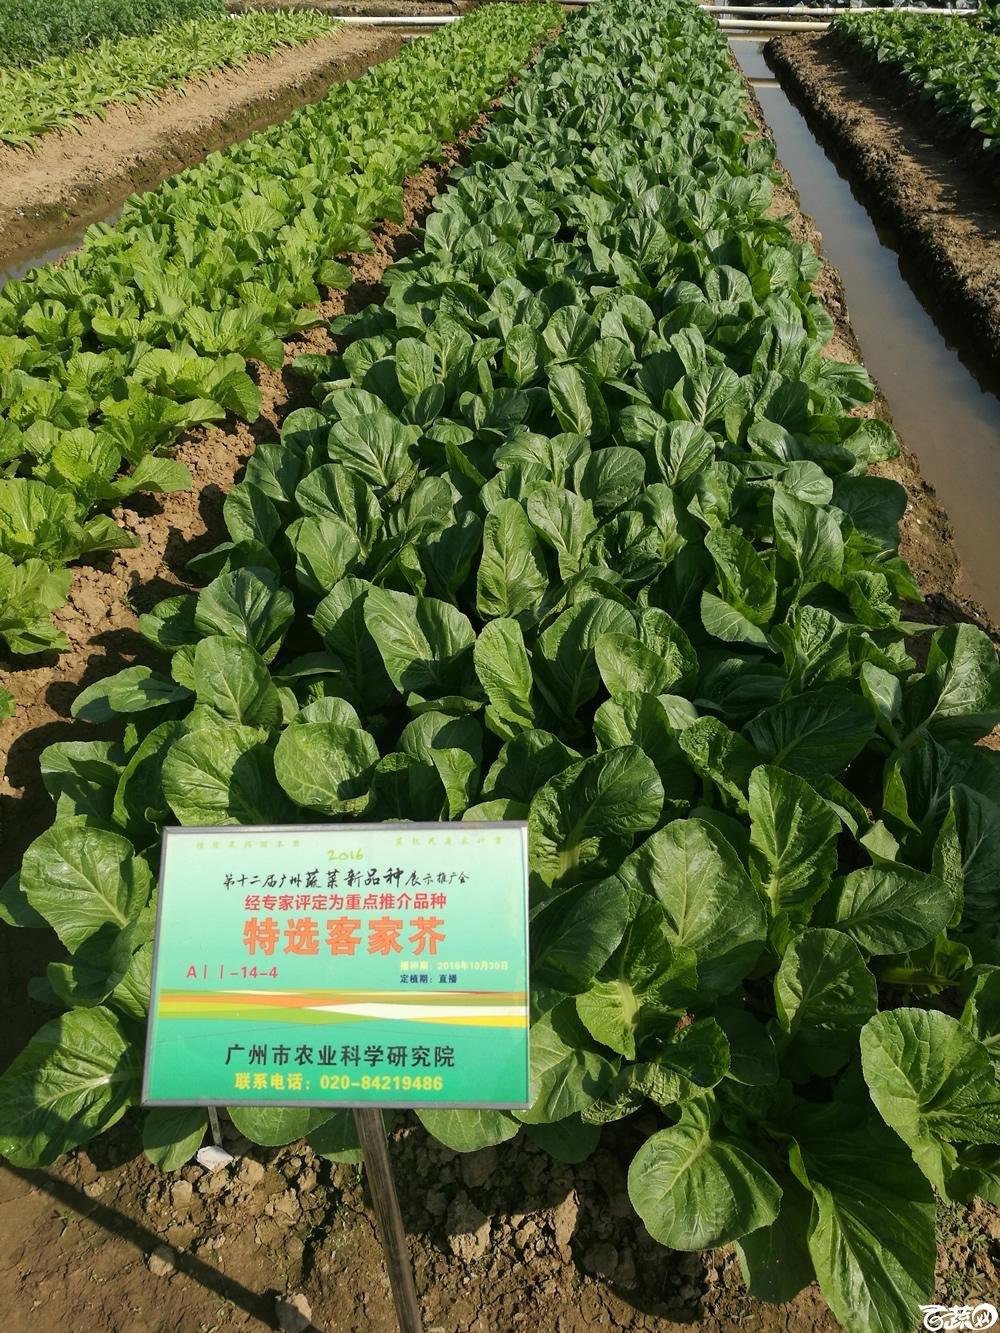 第十二届广州蔬菜展示会专家重点推荐品种,广州市农科院特选客家芥_009.jpg